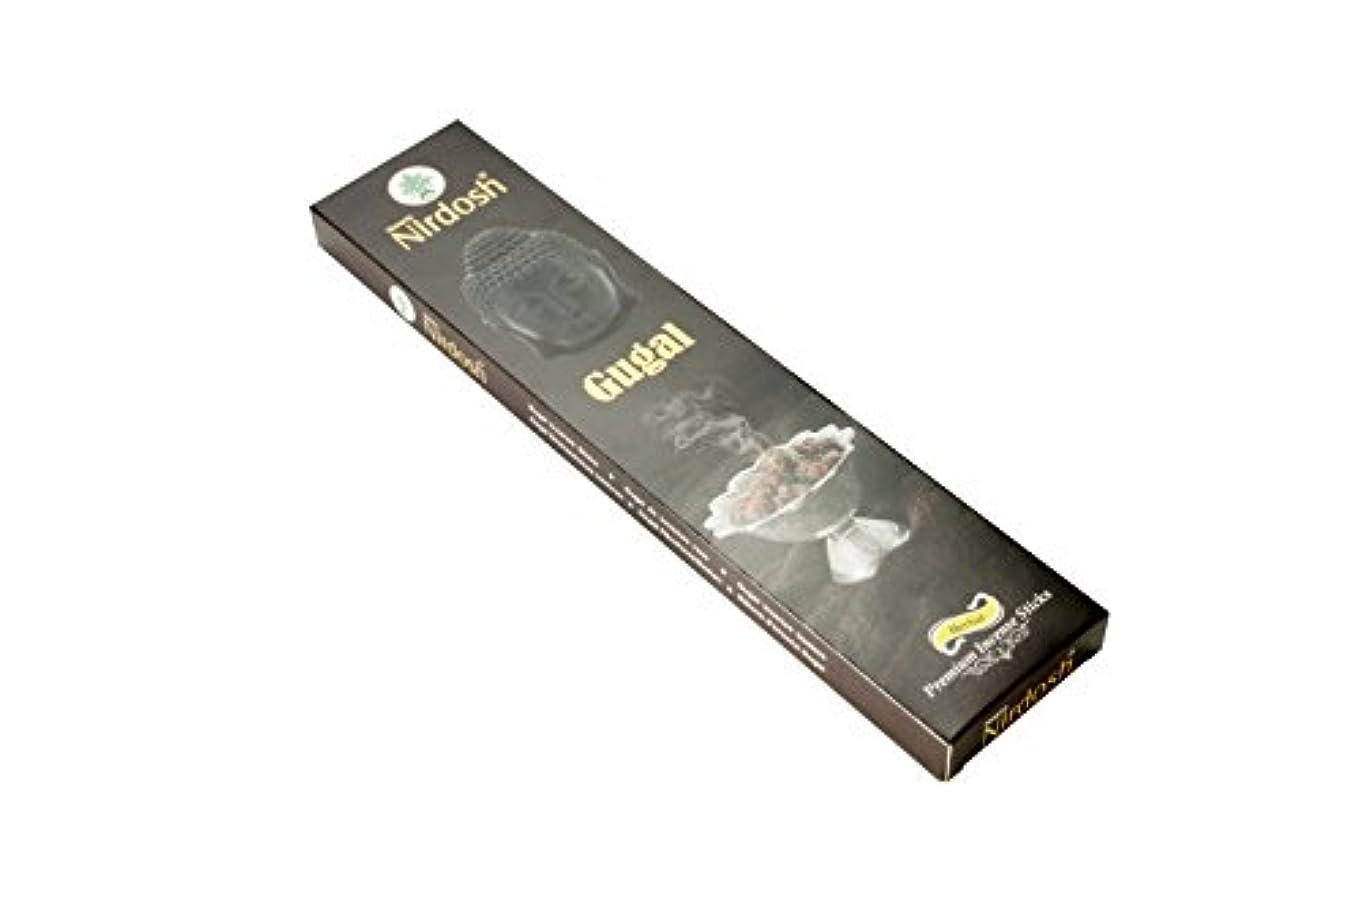 割り当てうなる計画Nirdosh Premium Herbal Incense Sticks – Natural Gugal味100 g。12インチLong ( Pack of 2 ) with 1 Free木製お香ホルダー